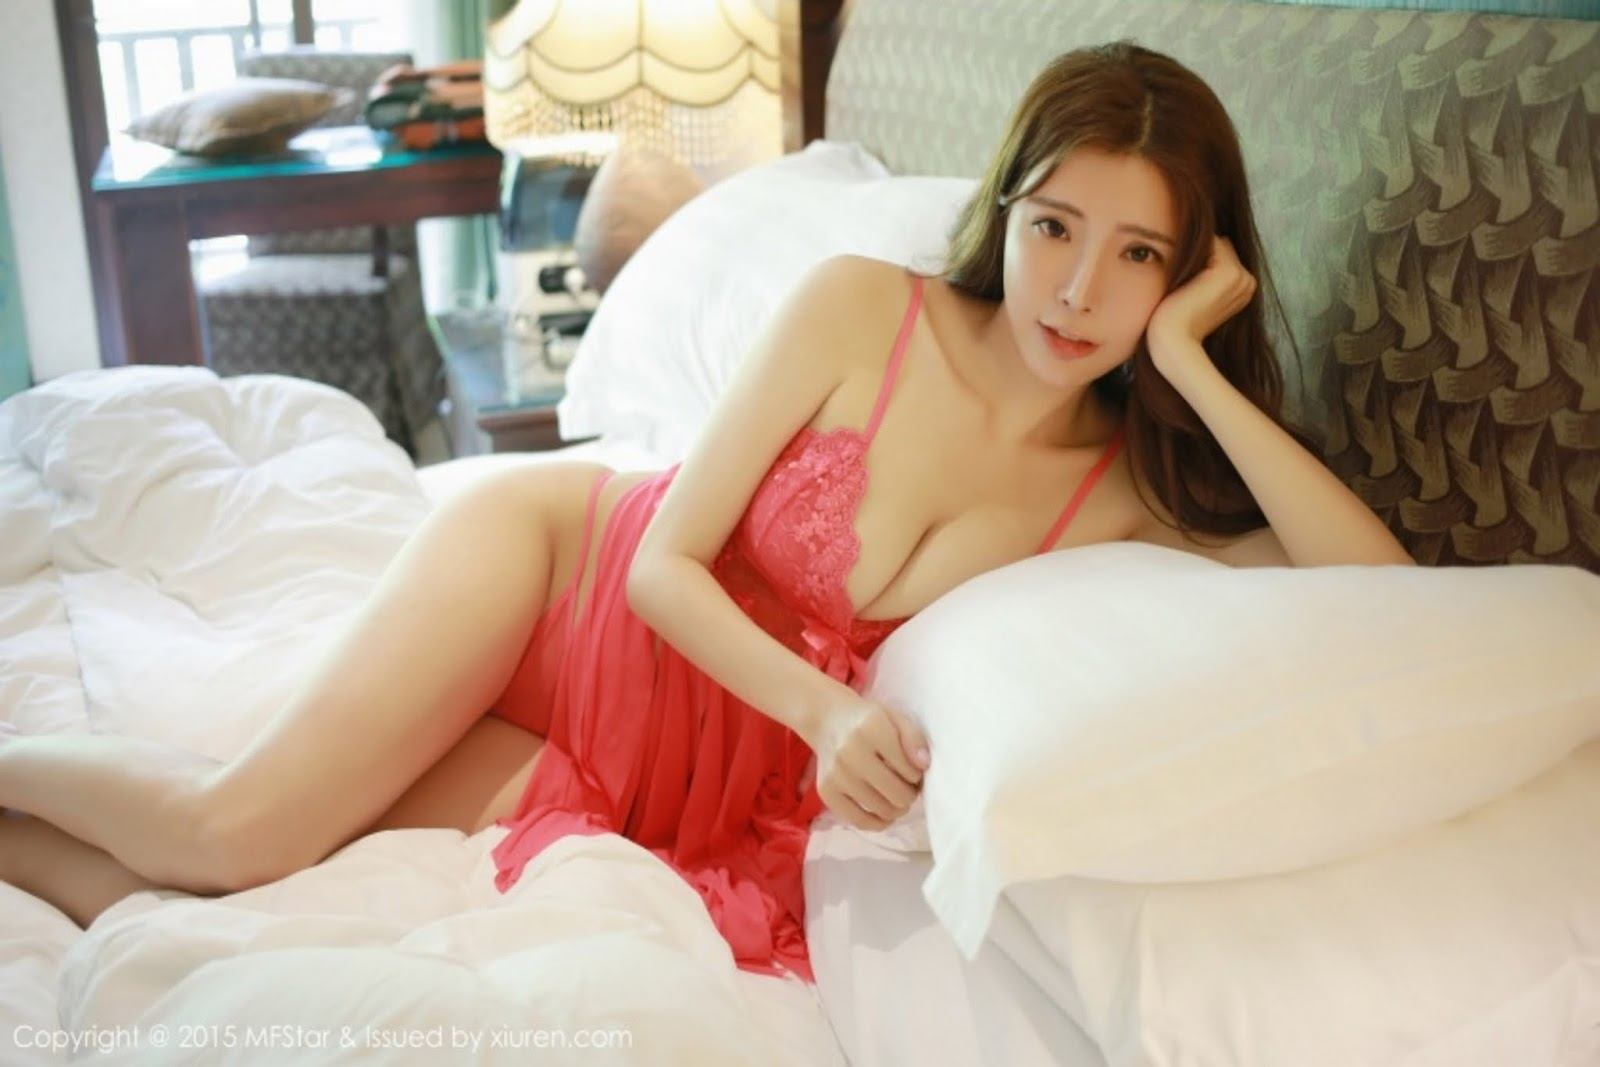 0024 - Hot MFSTAR VOL.10 Model Girl Hot